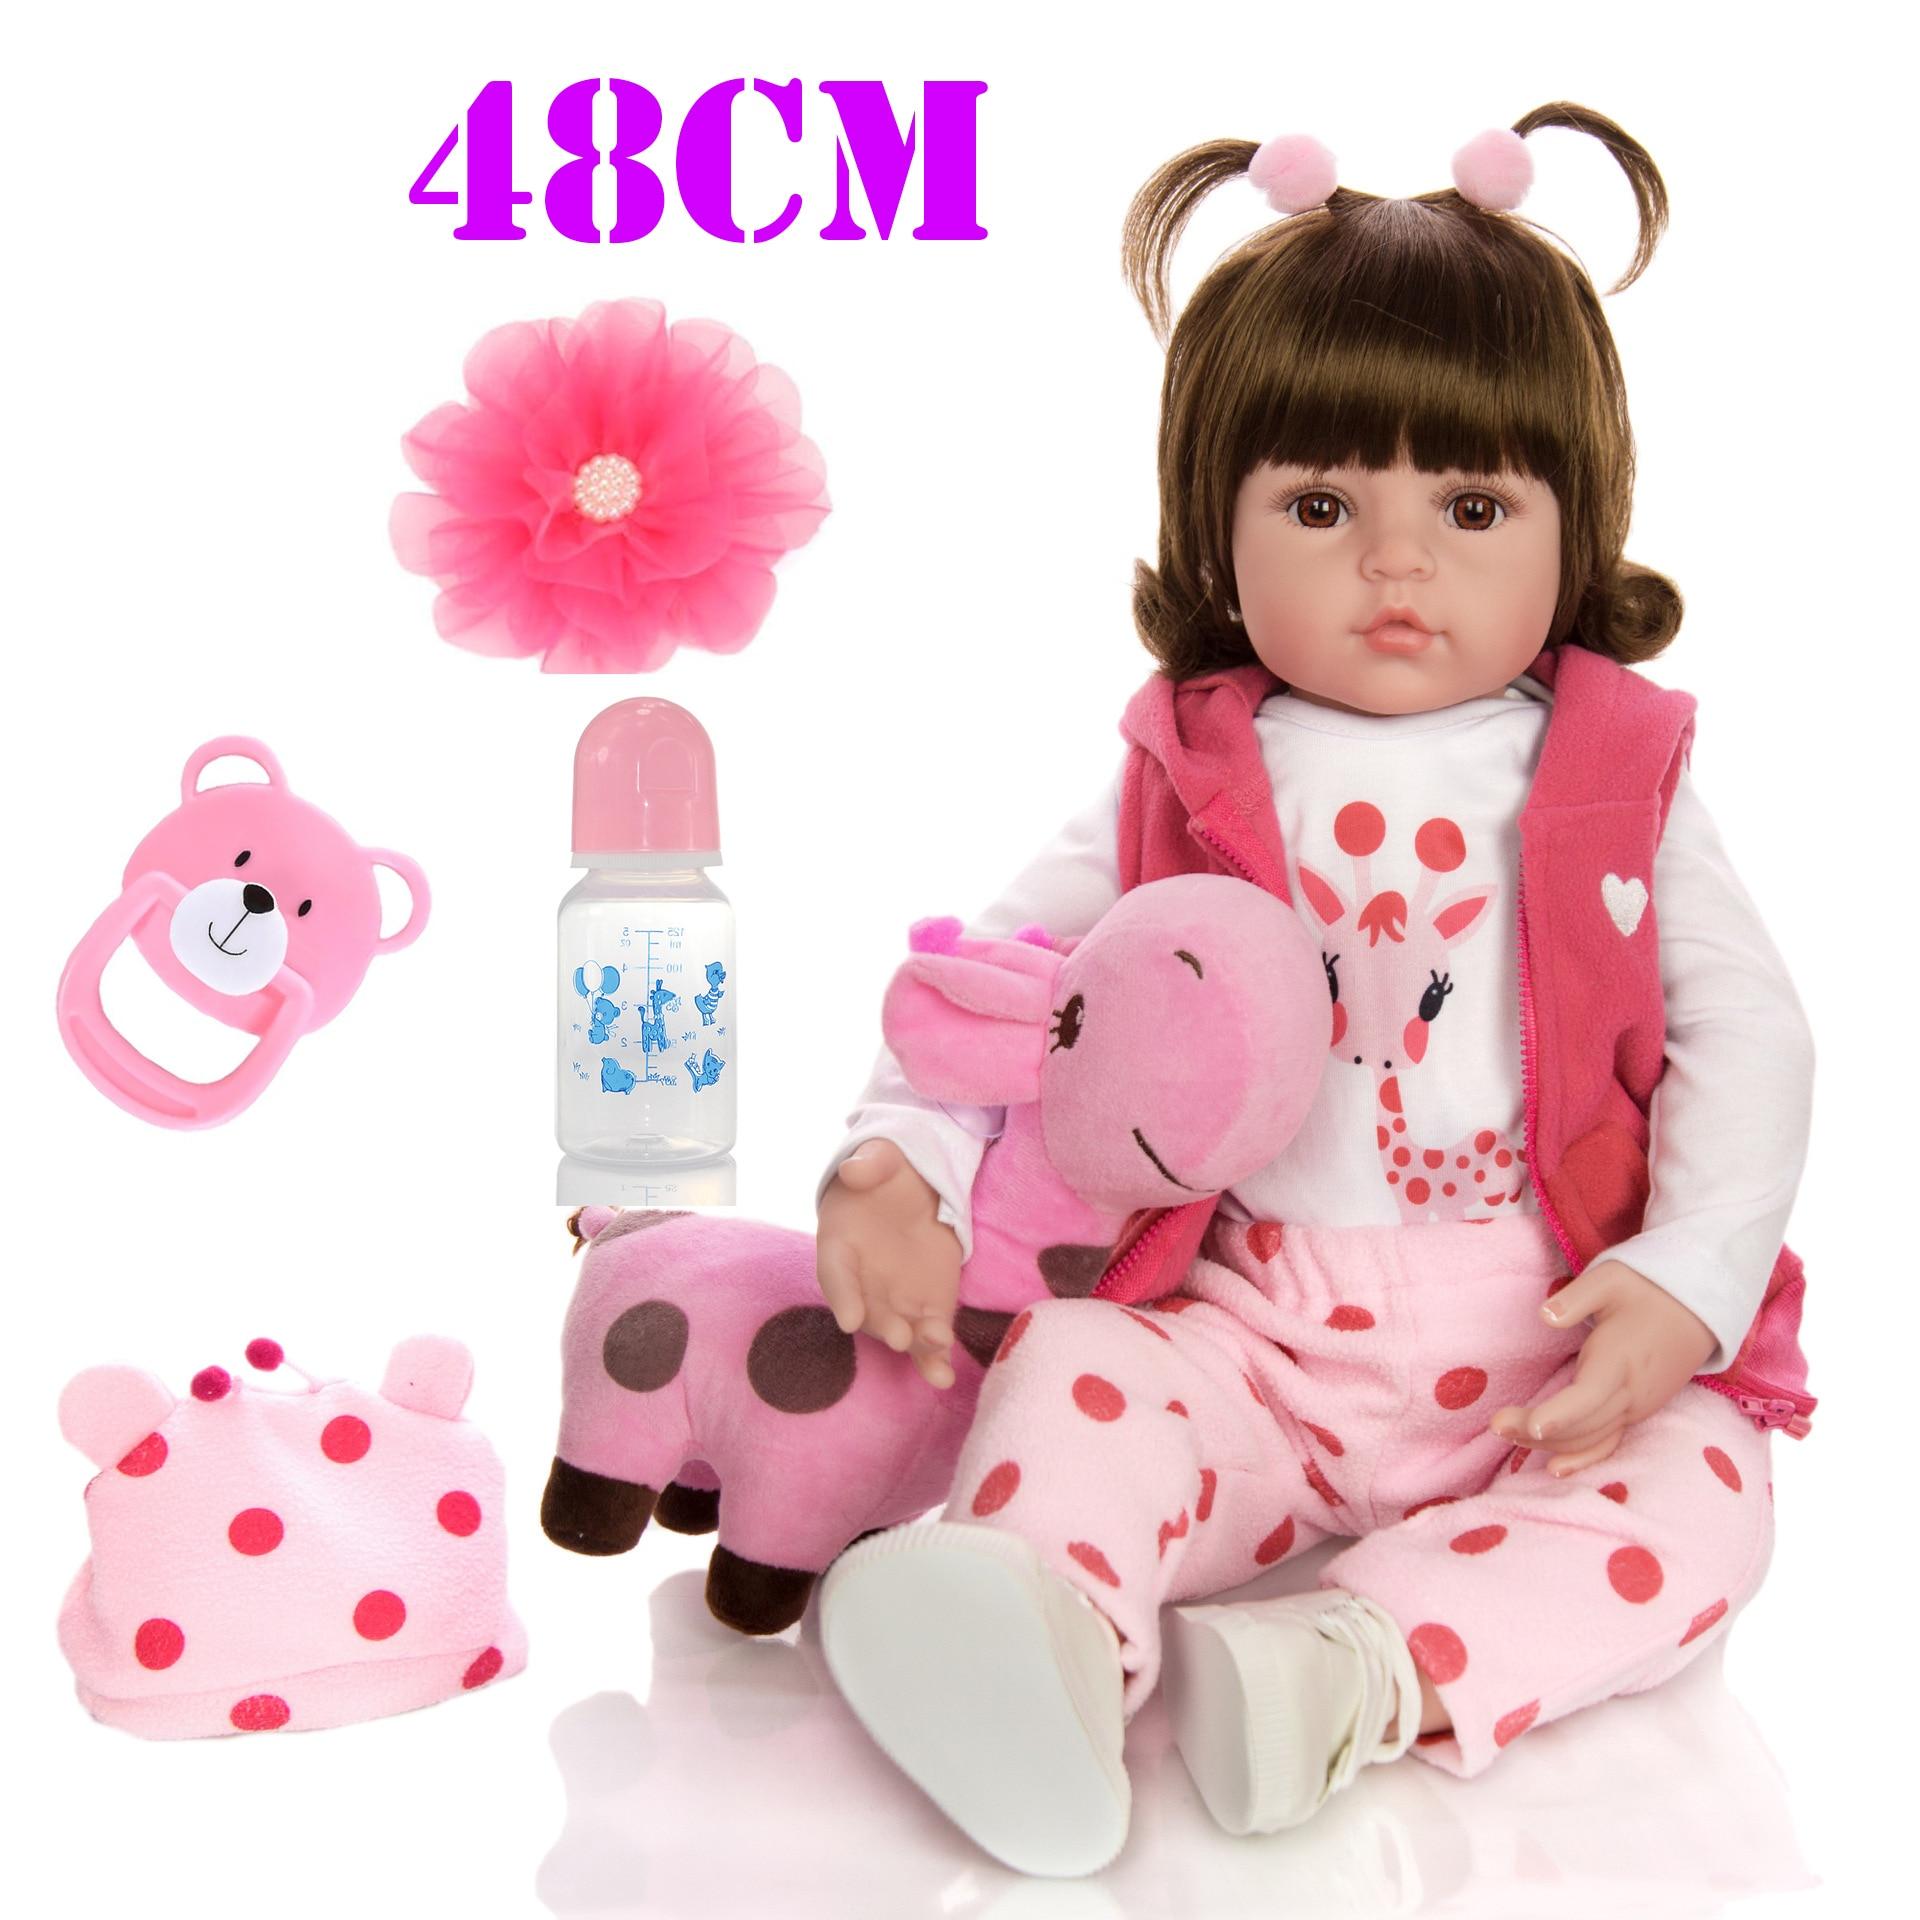 48cm Bebe Silicone Reborn bébé poupée jouets comme vrai vinyle princesse bambin bébés poupées filles girafe poupée cadeau boneca reborn